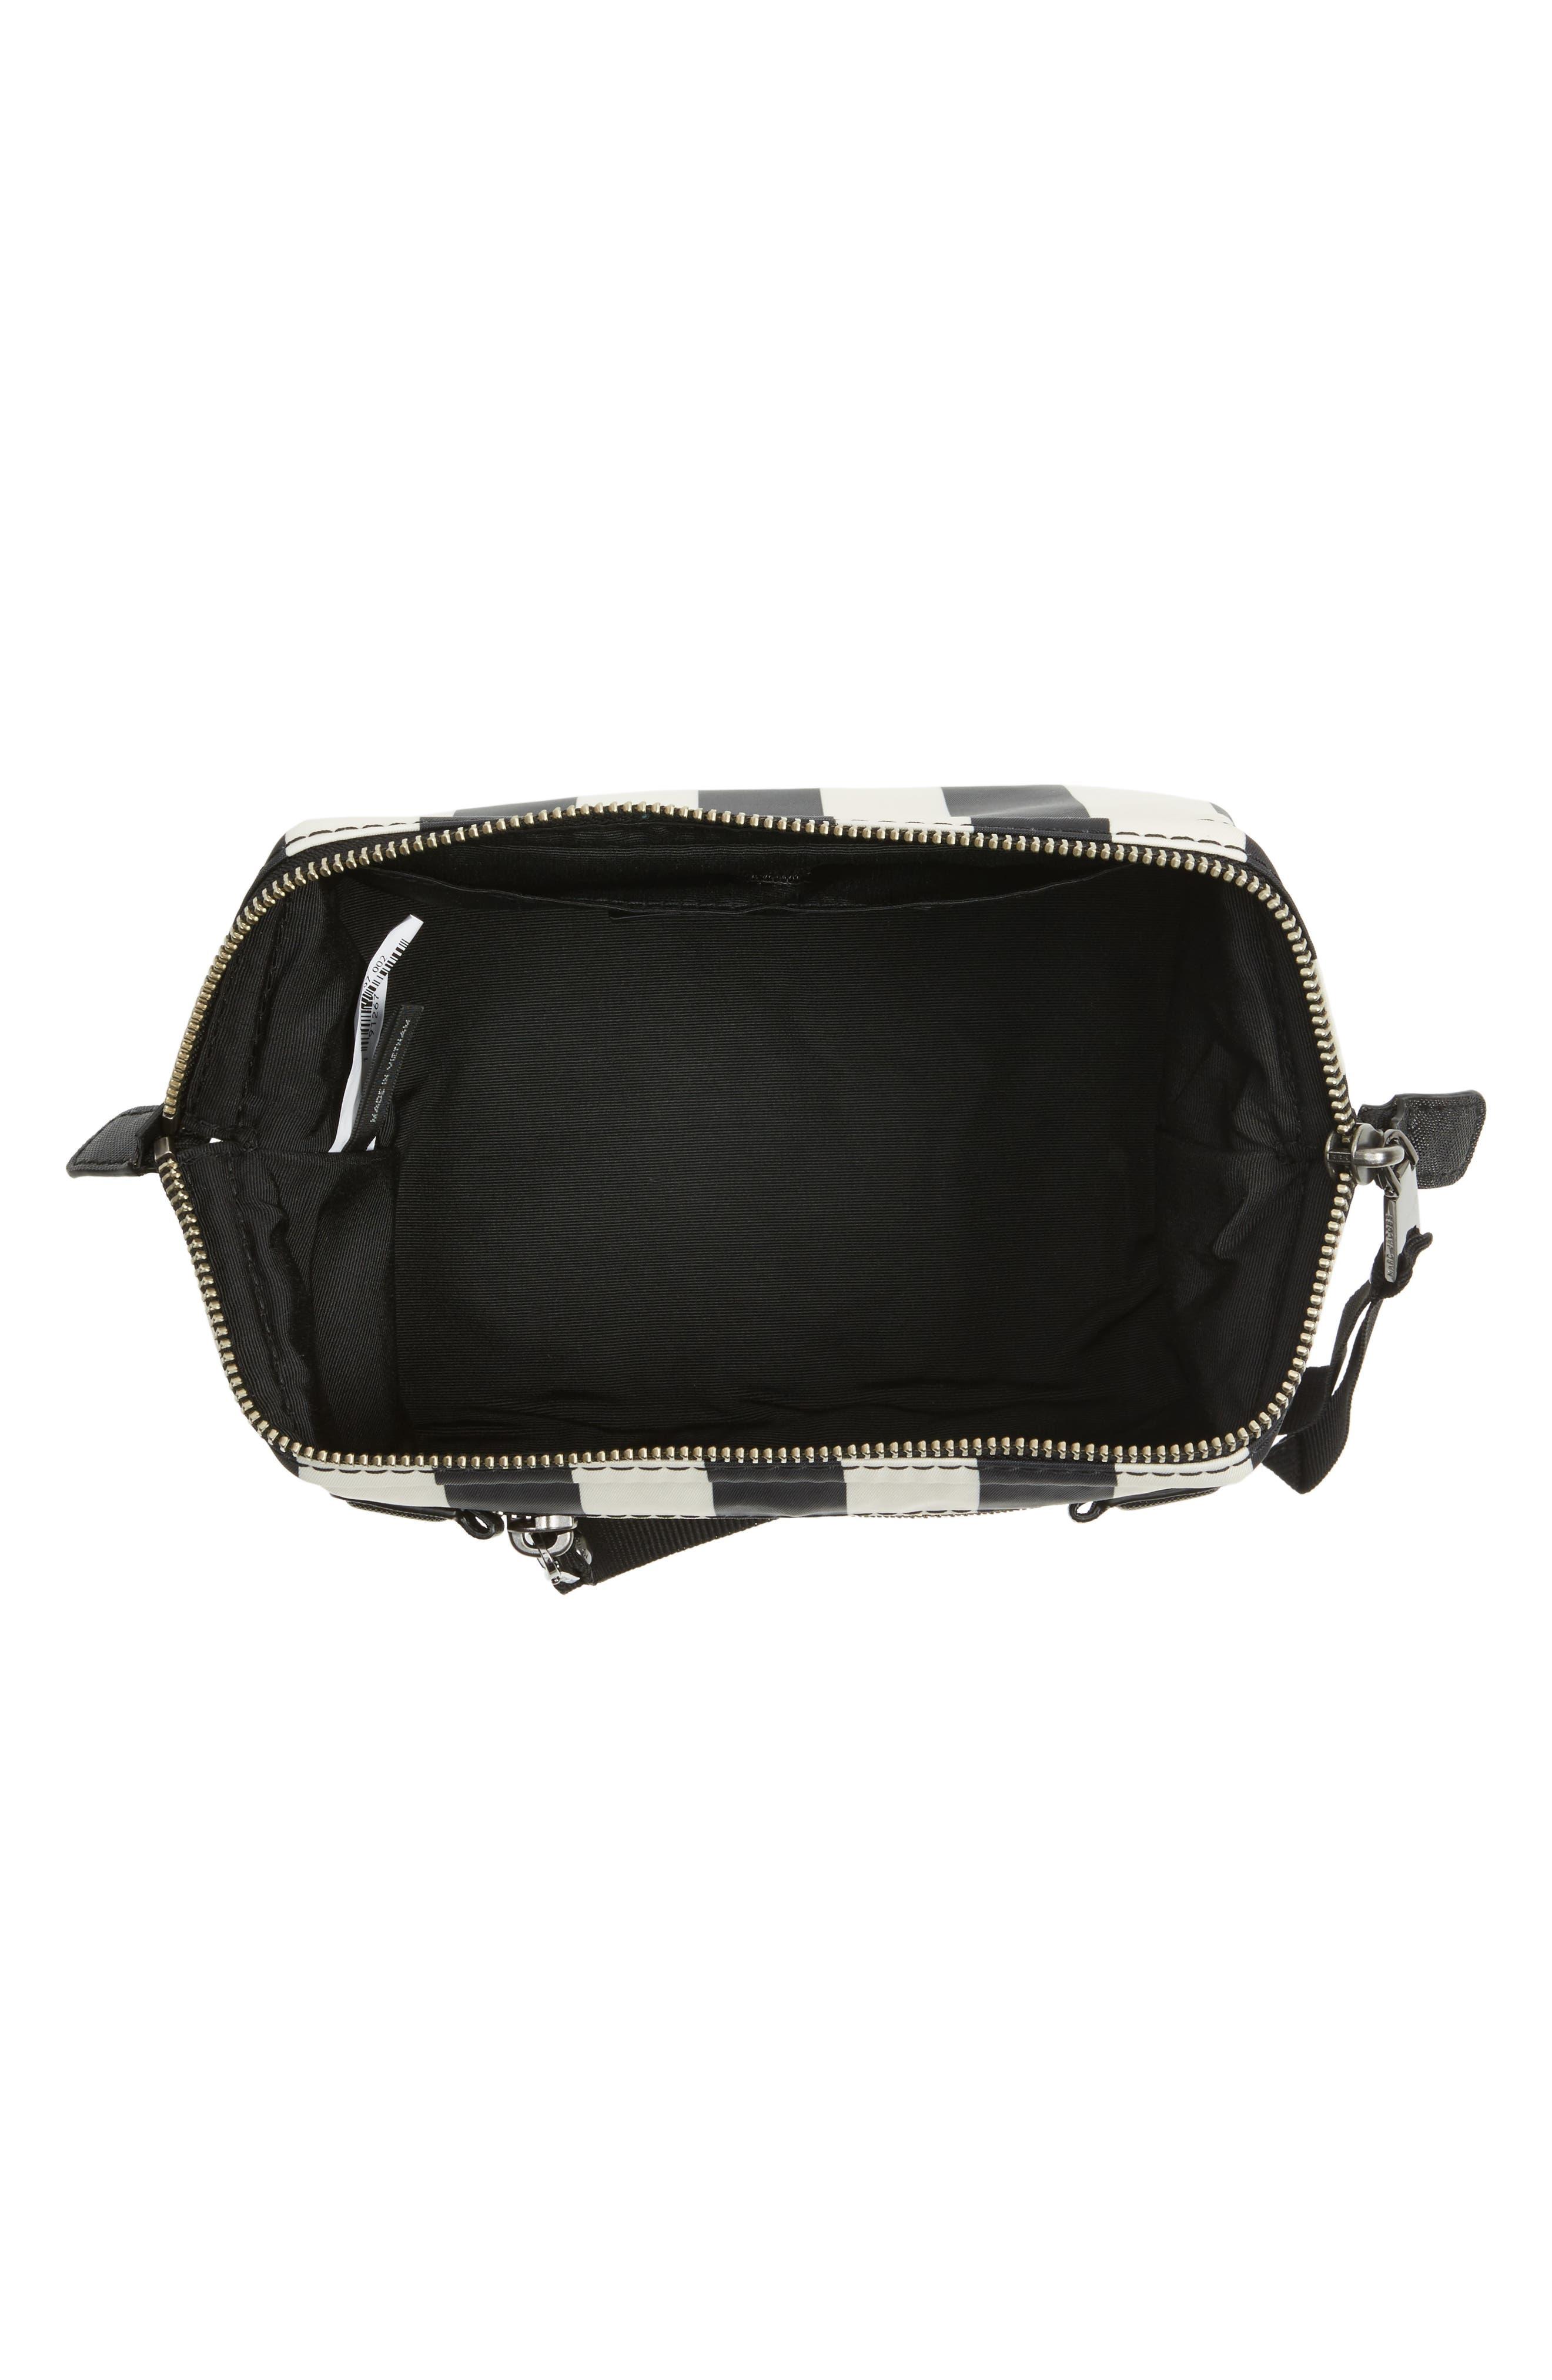 Stripes Trooper Cosmetics Bag,                             Alternate thumbnail 3, color,                             Black Multi